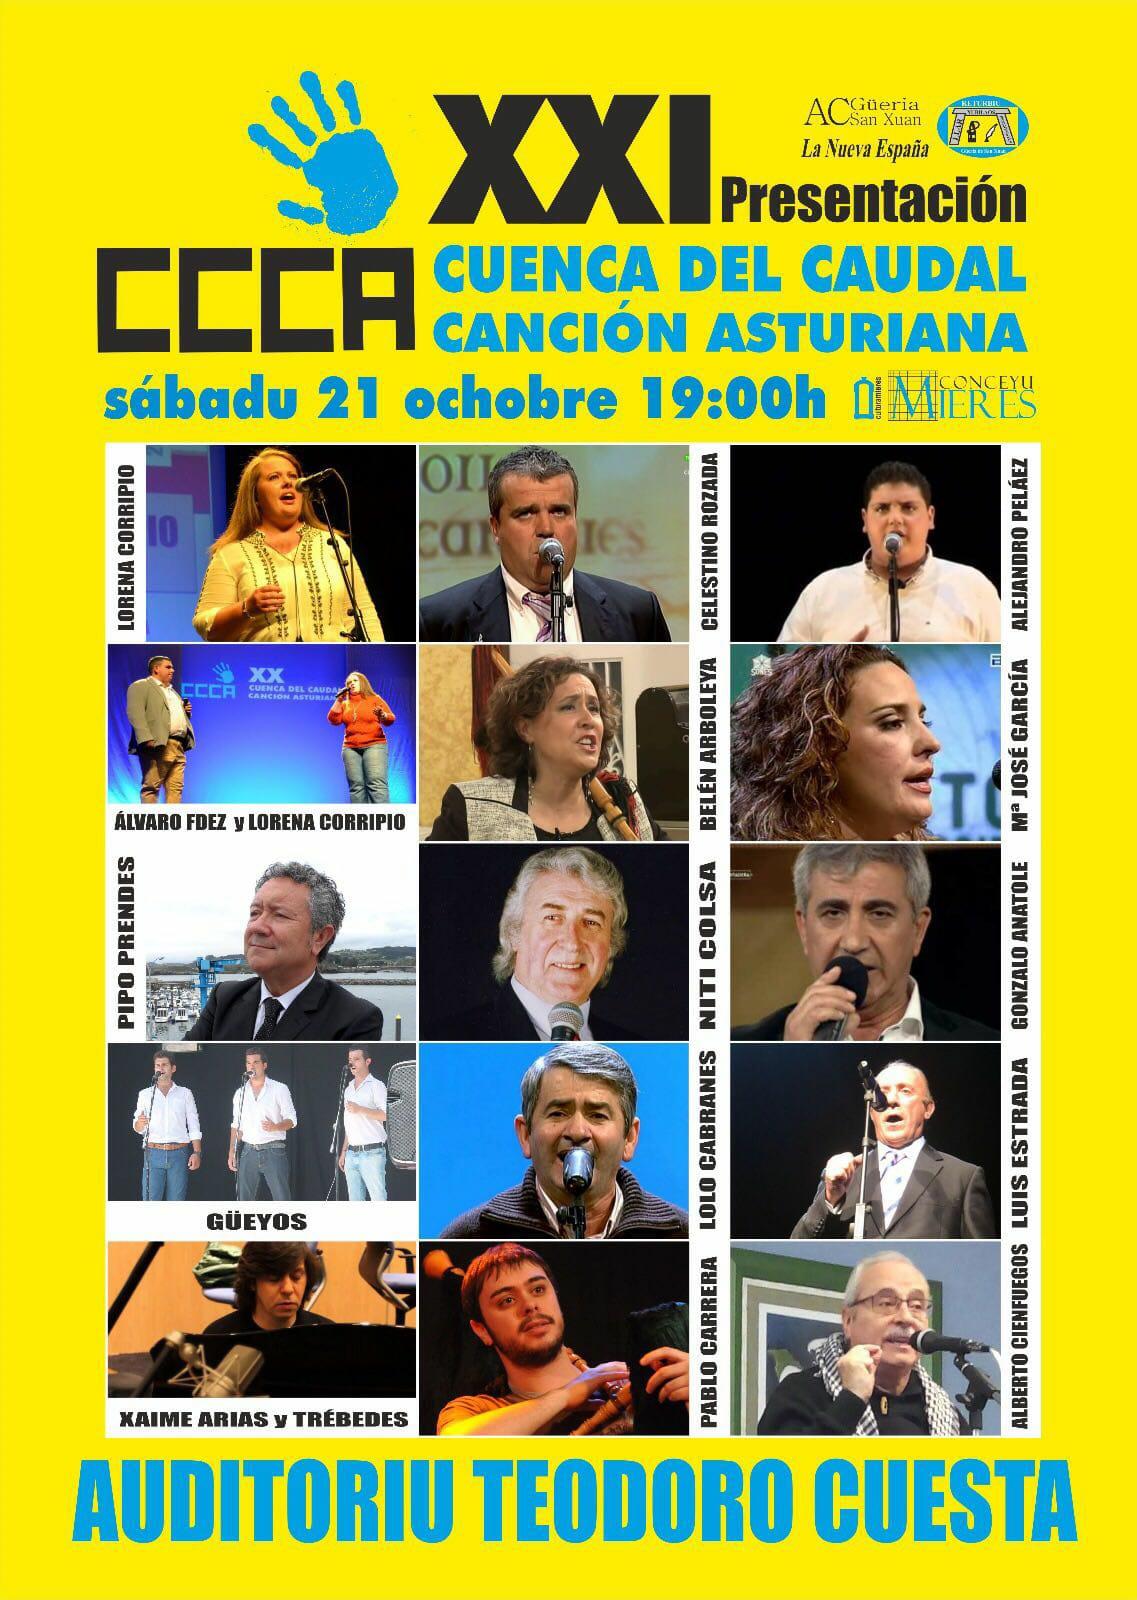 CARTEL GALA PRESENTACION CONCURSU CUENCA CAUDAL 2017